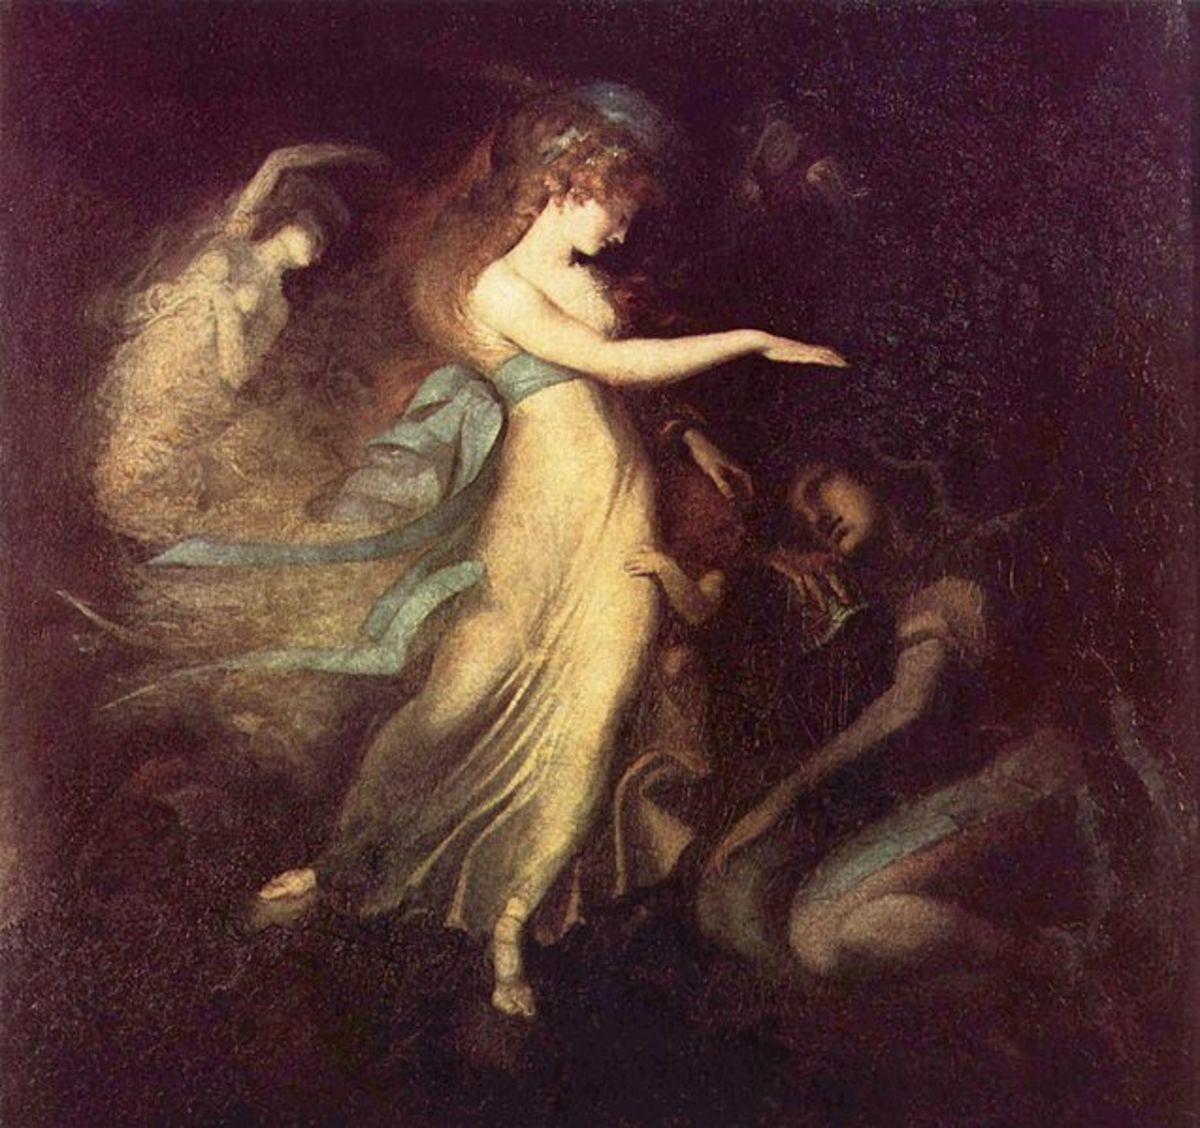 Illustration from Spenser's Faerie Queen